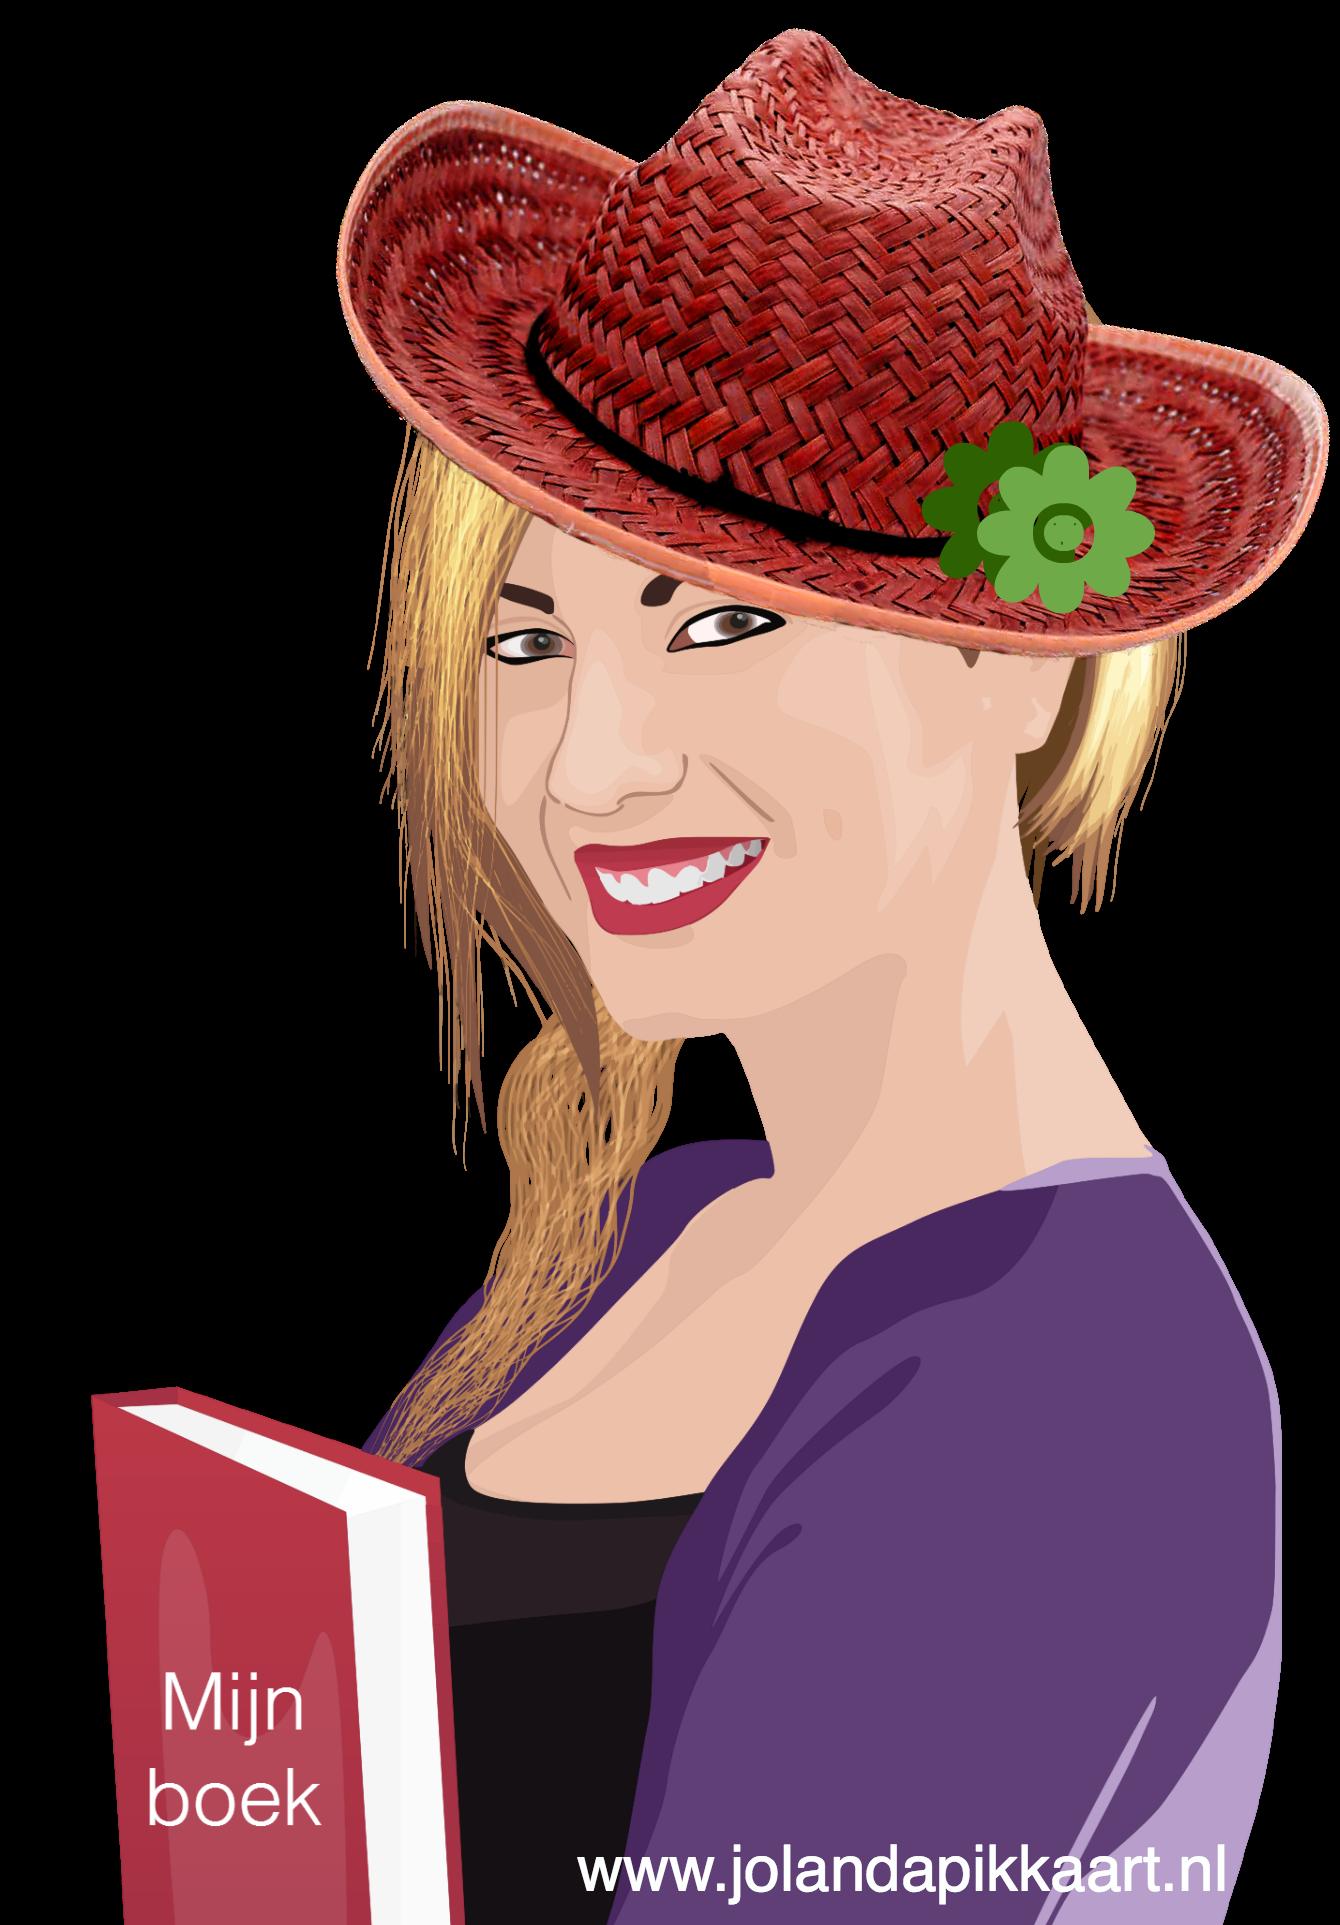 online bootcamp: schrijf de basis van je boek